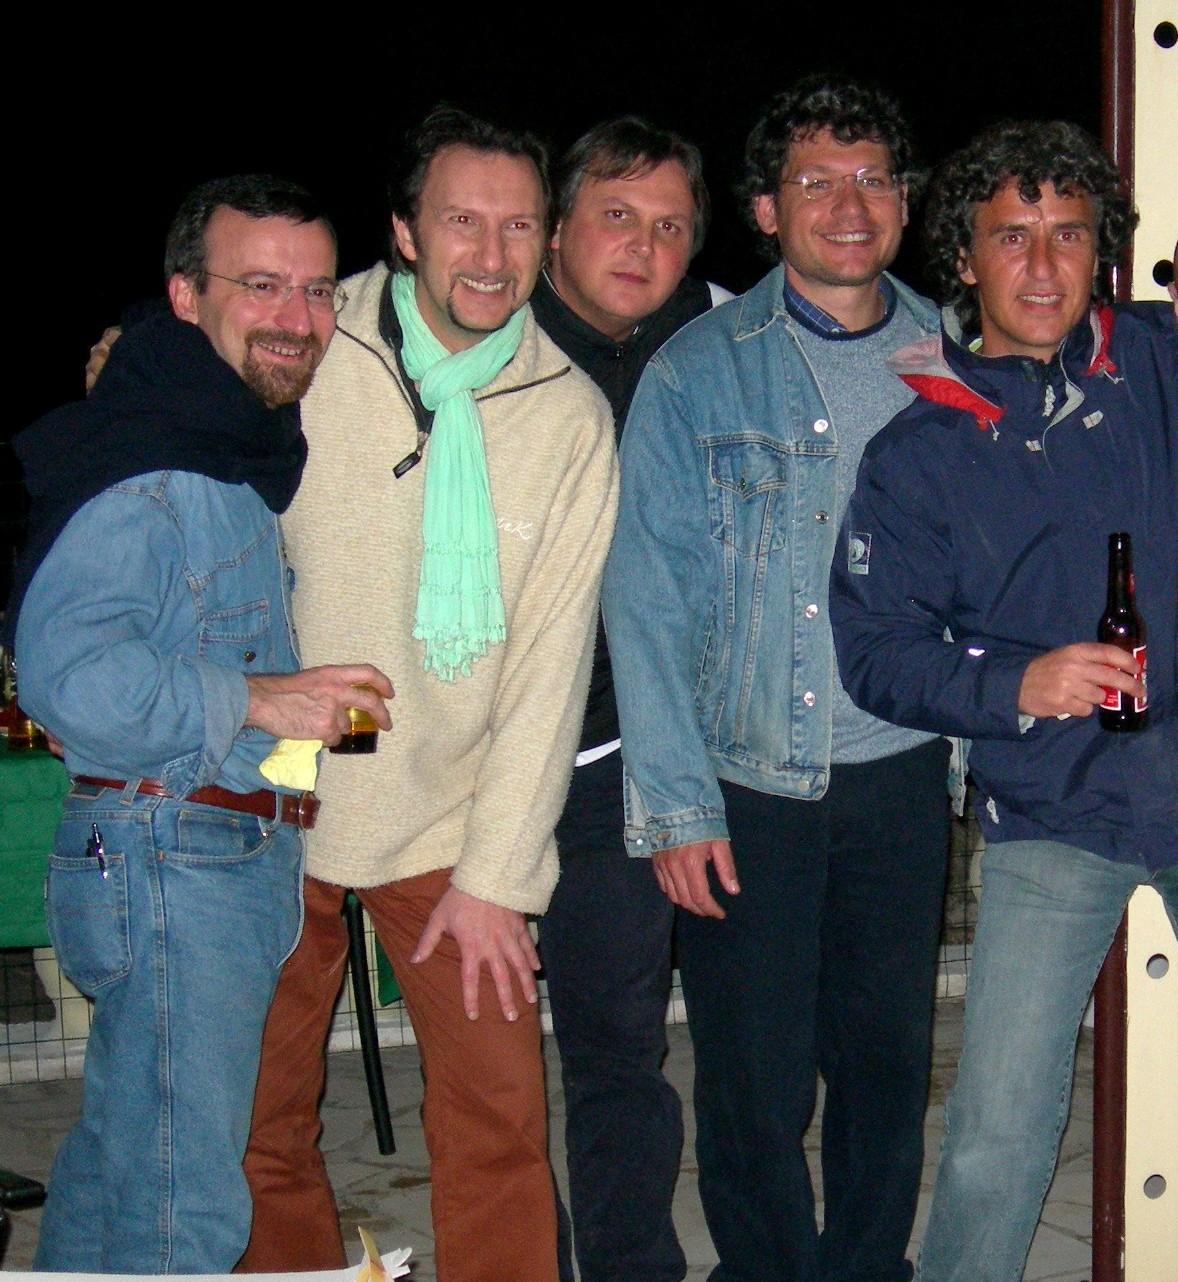 Zona reunion 2007 ft Frio